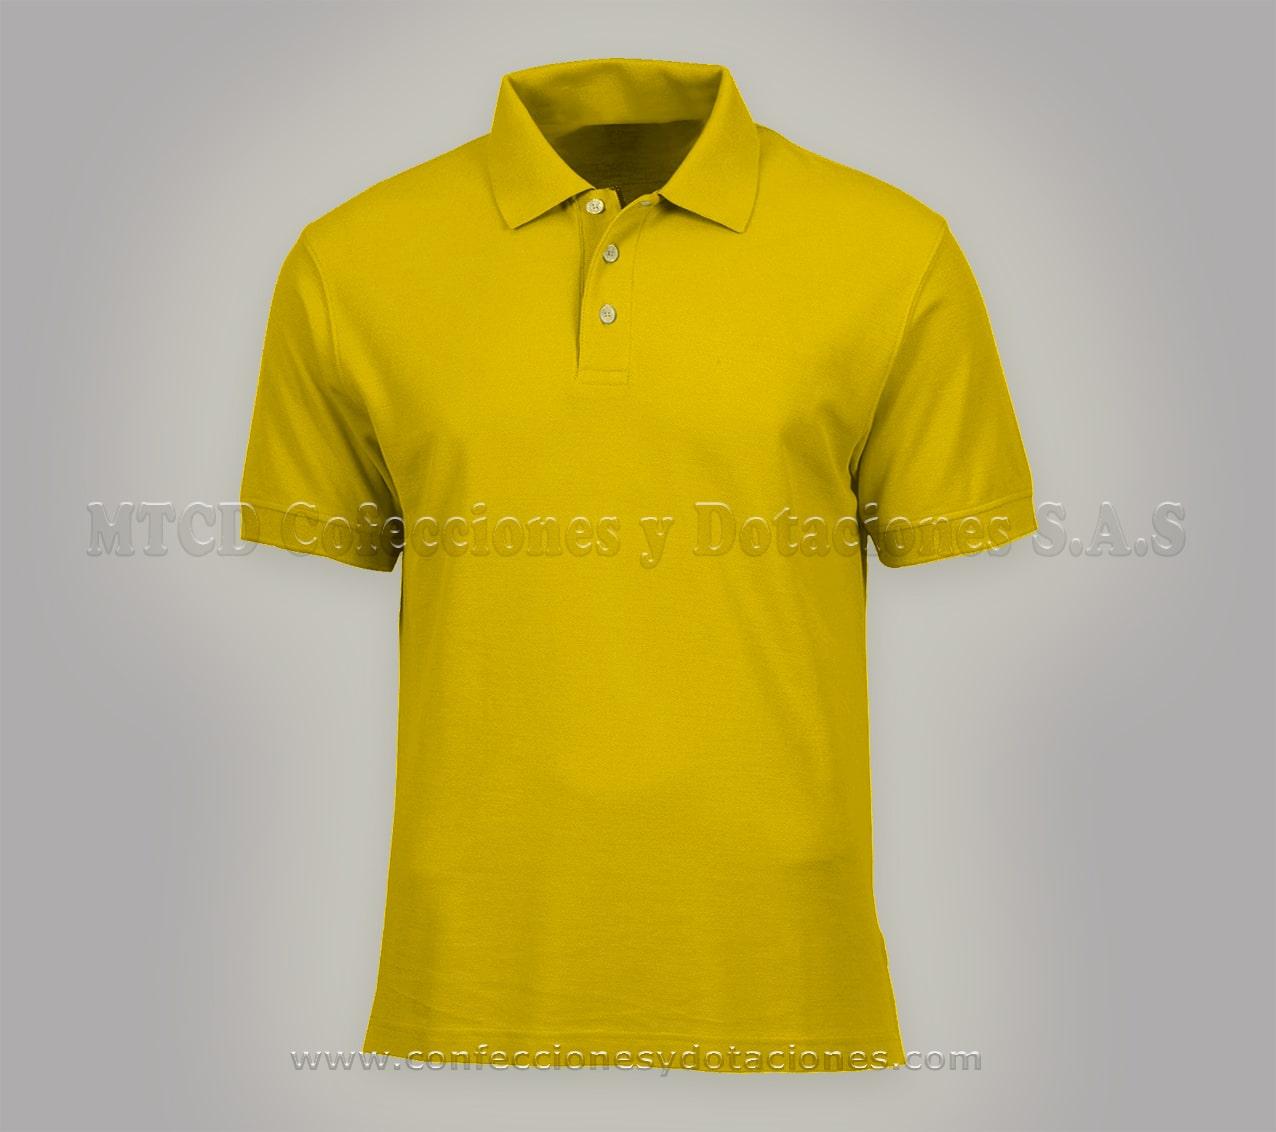 Fabrica de camisas polo en bogota publicitarios